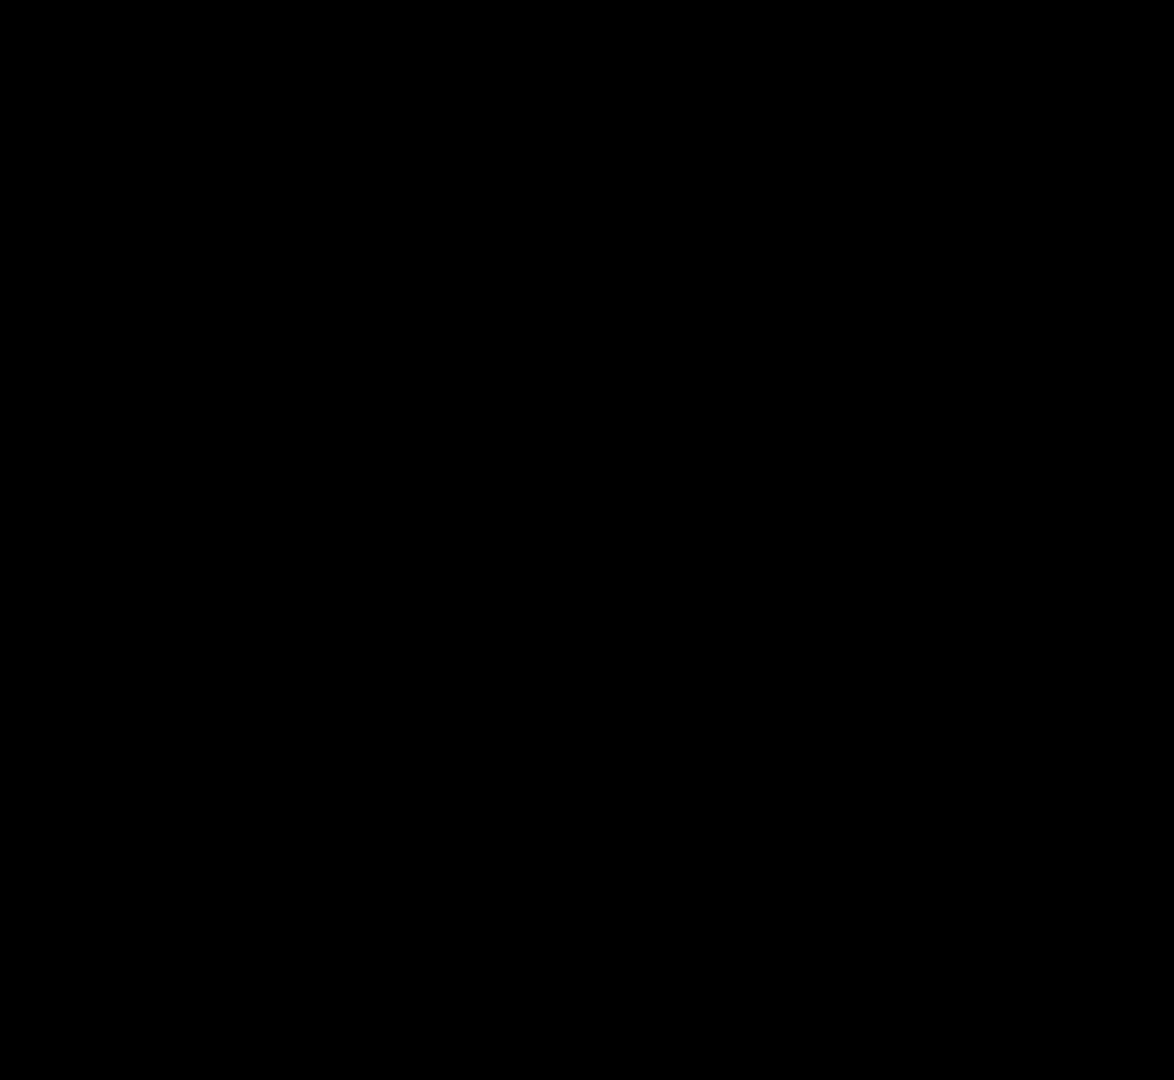 MB 02 – Marienbad